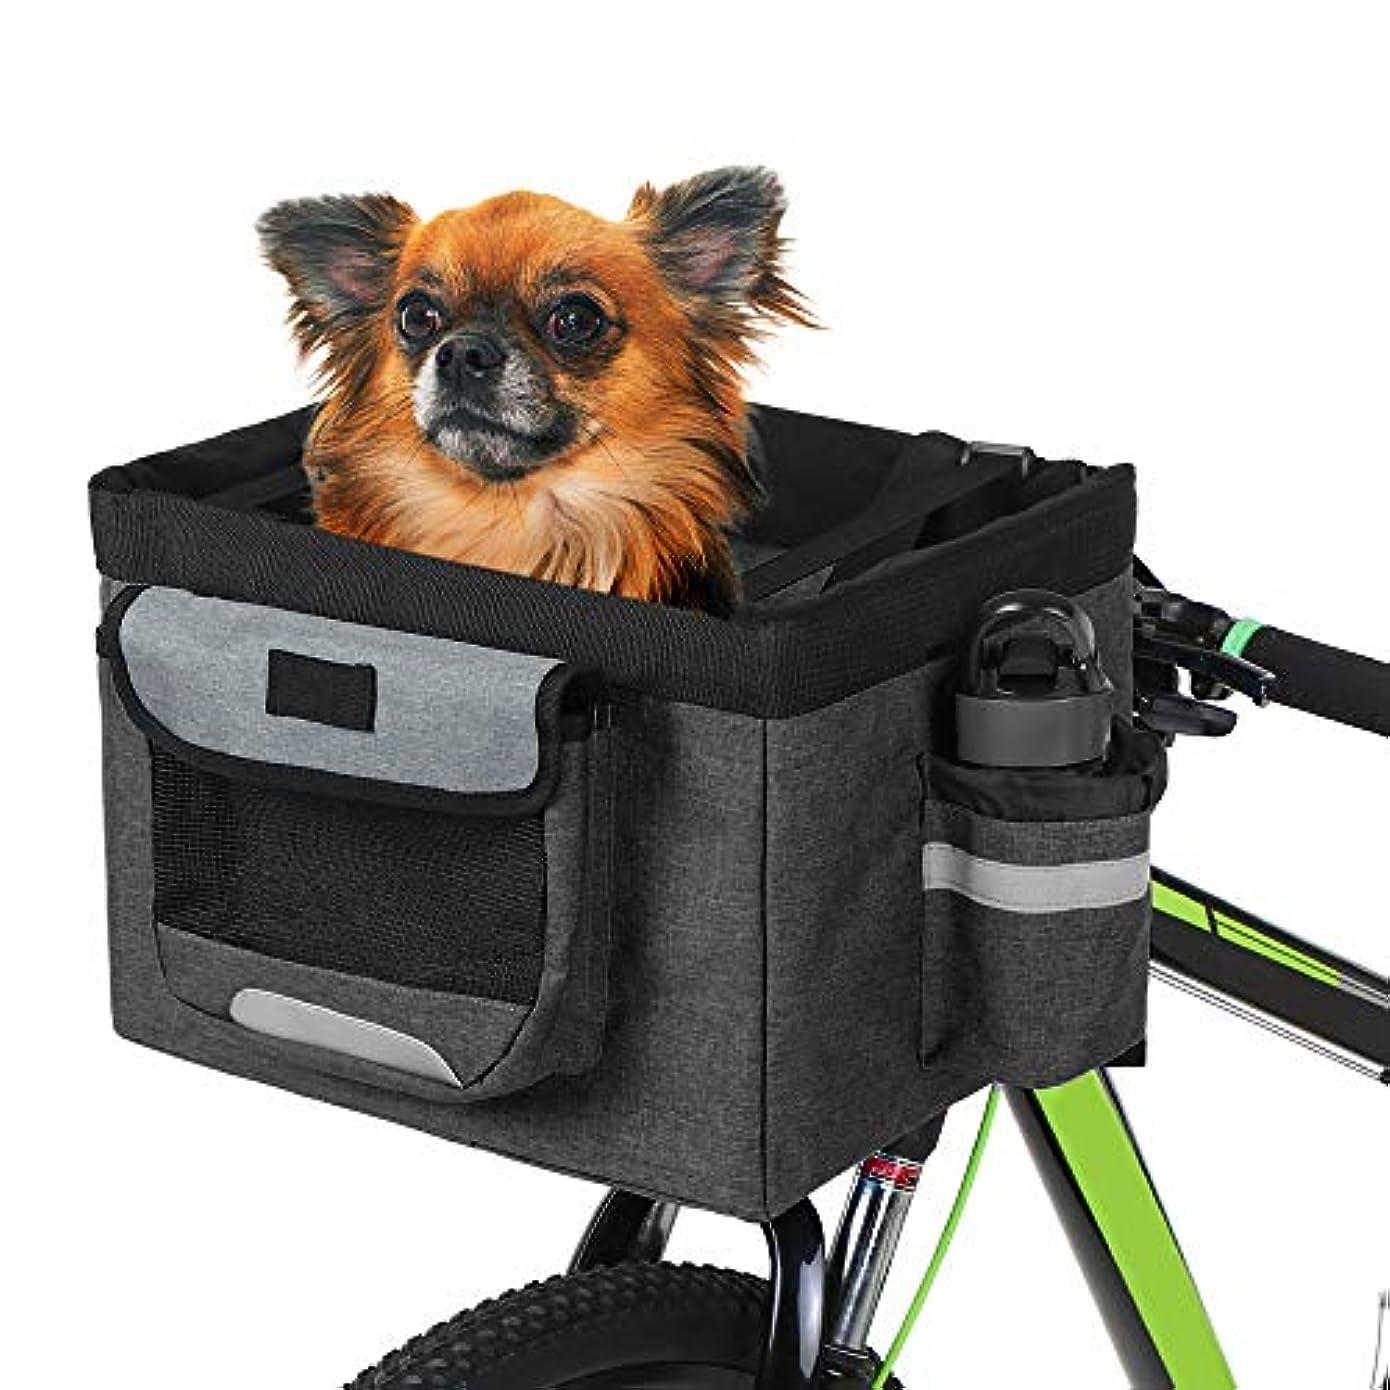 実際に警戒実際にLixada 自転車バスケット 折りたたみ式 ペット 猫 犬 キャリア フロント 取り外し可能 自転車 ハンドルバー バスケット クイックリリース 取り付け 取り外し可能 サイクリングバッグ 山 ピクニック 買い物 最大耐荷重22ポンド